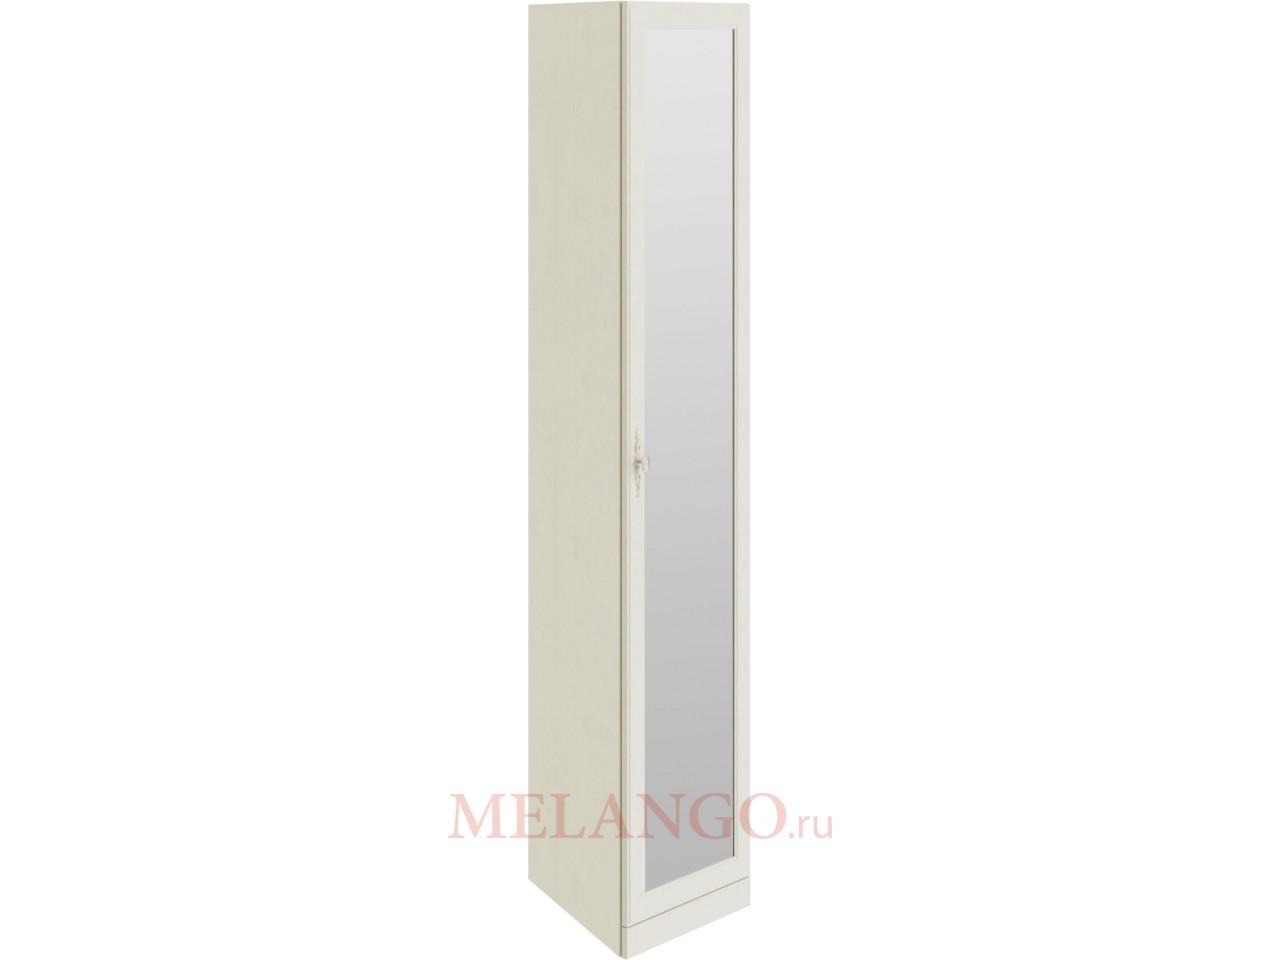 Шкаф торцевой с 1-ой зеркальной дверью «Лючия (Штрихлак) СМ-235.07.09